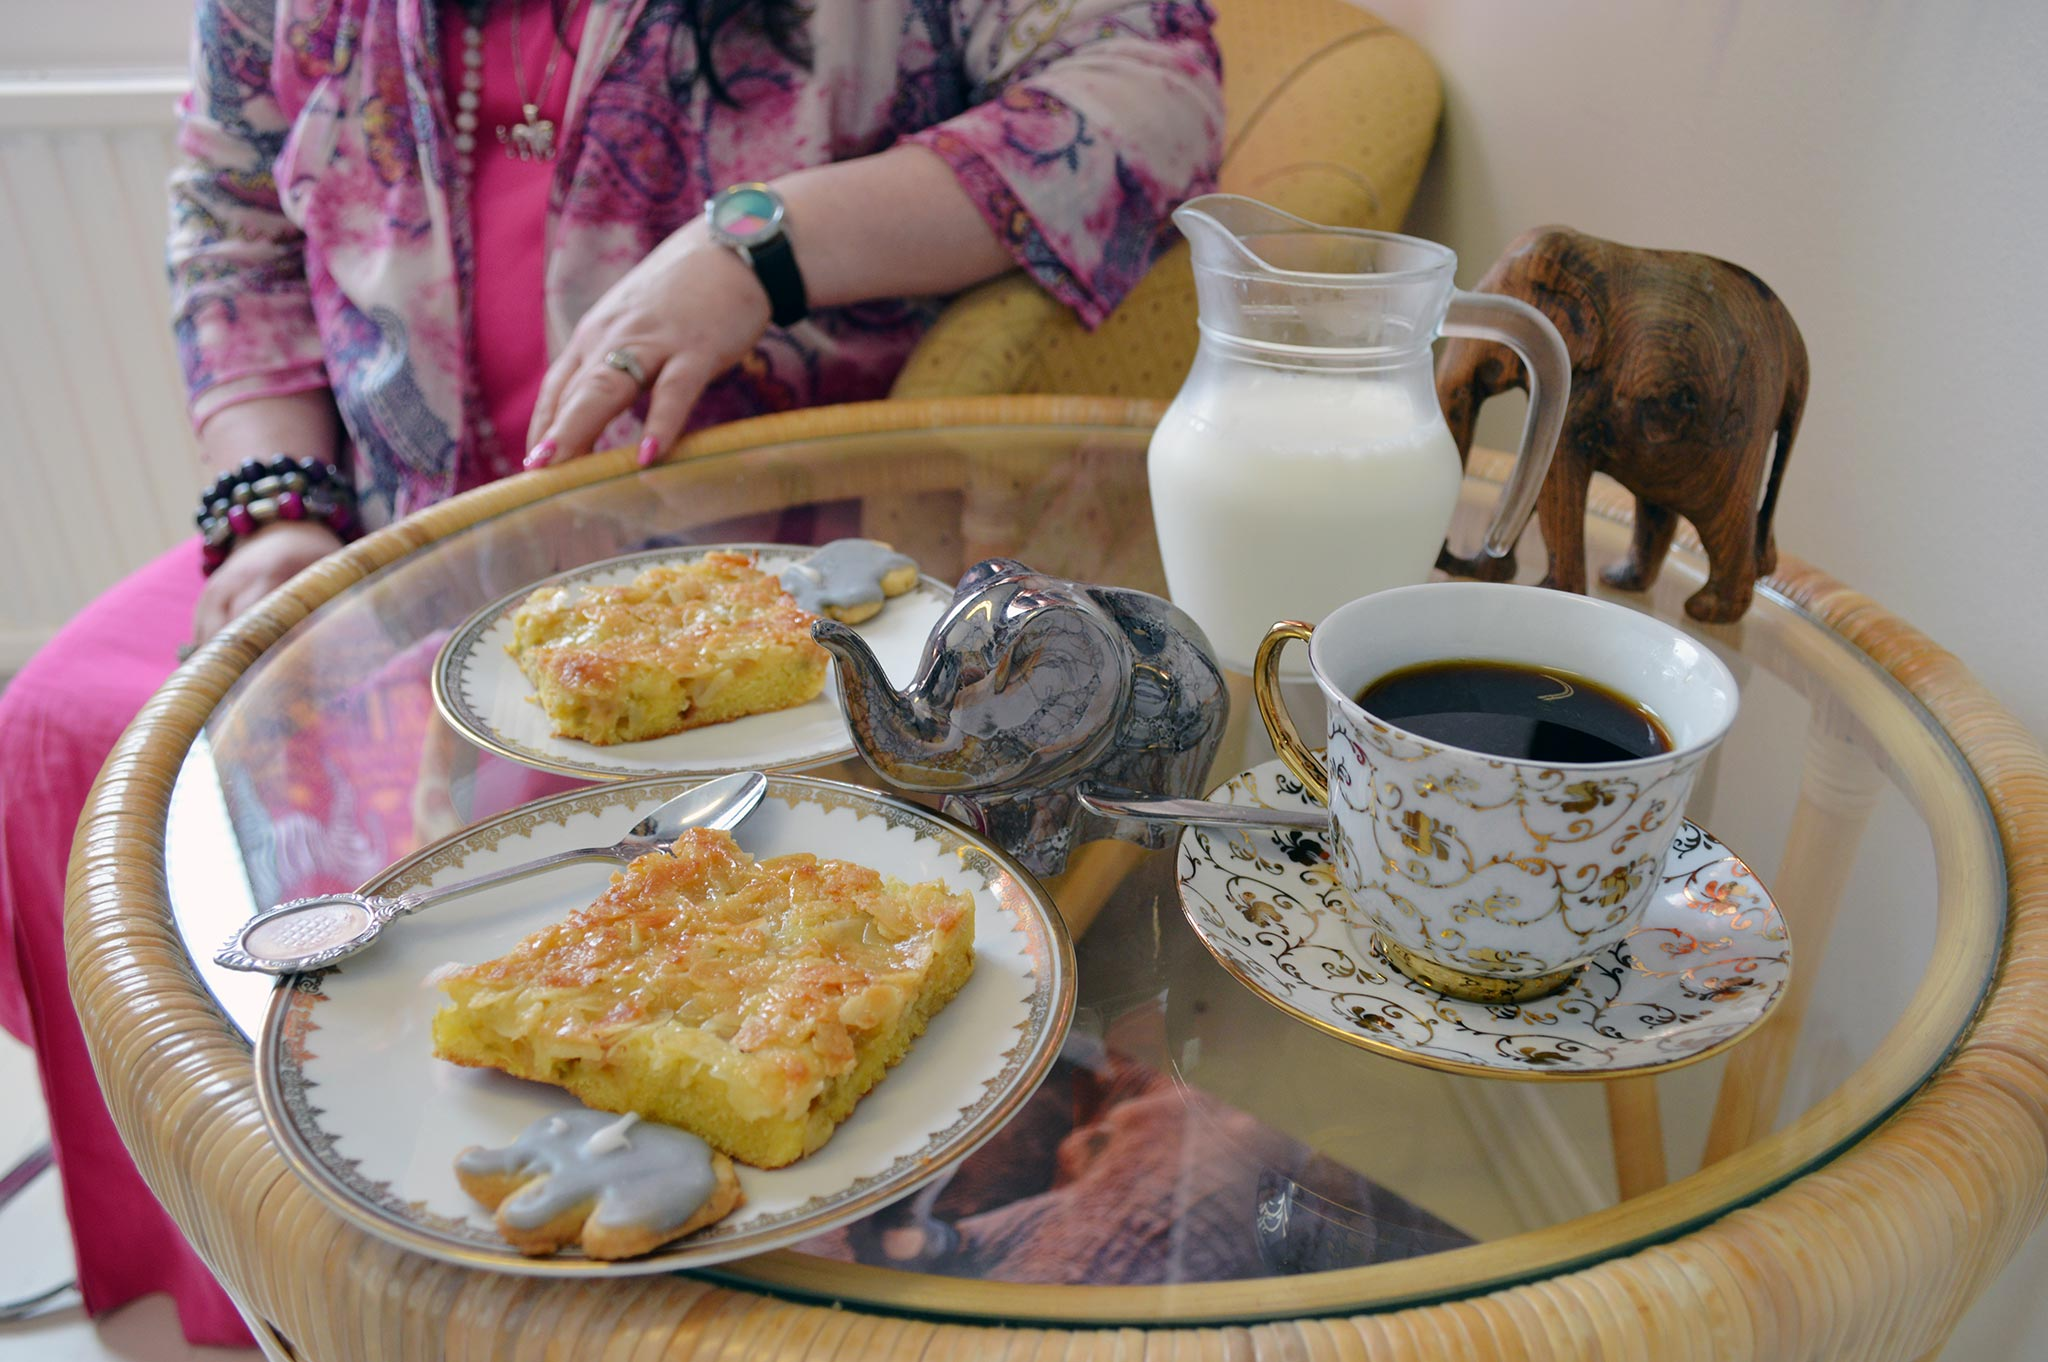 Norsukesäkahvilassa voit nauttia kahvin kanssa esimerkiksi tuoretta raparperipiirakkaa ja norsukeksejä.